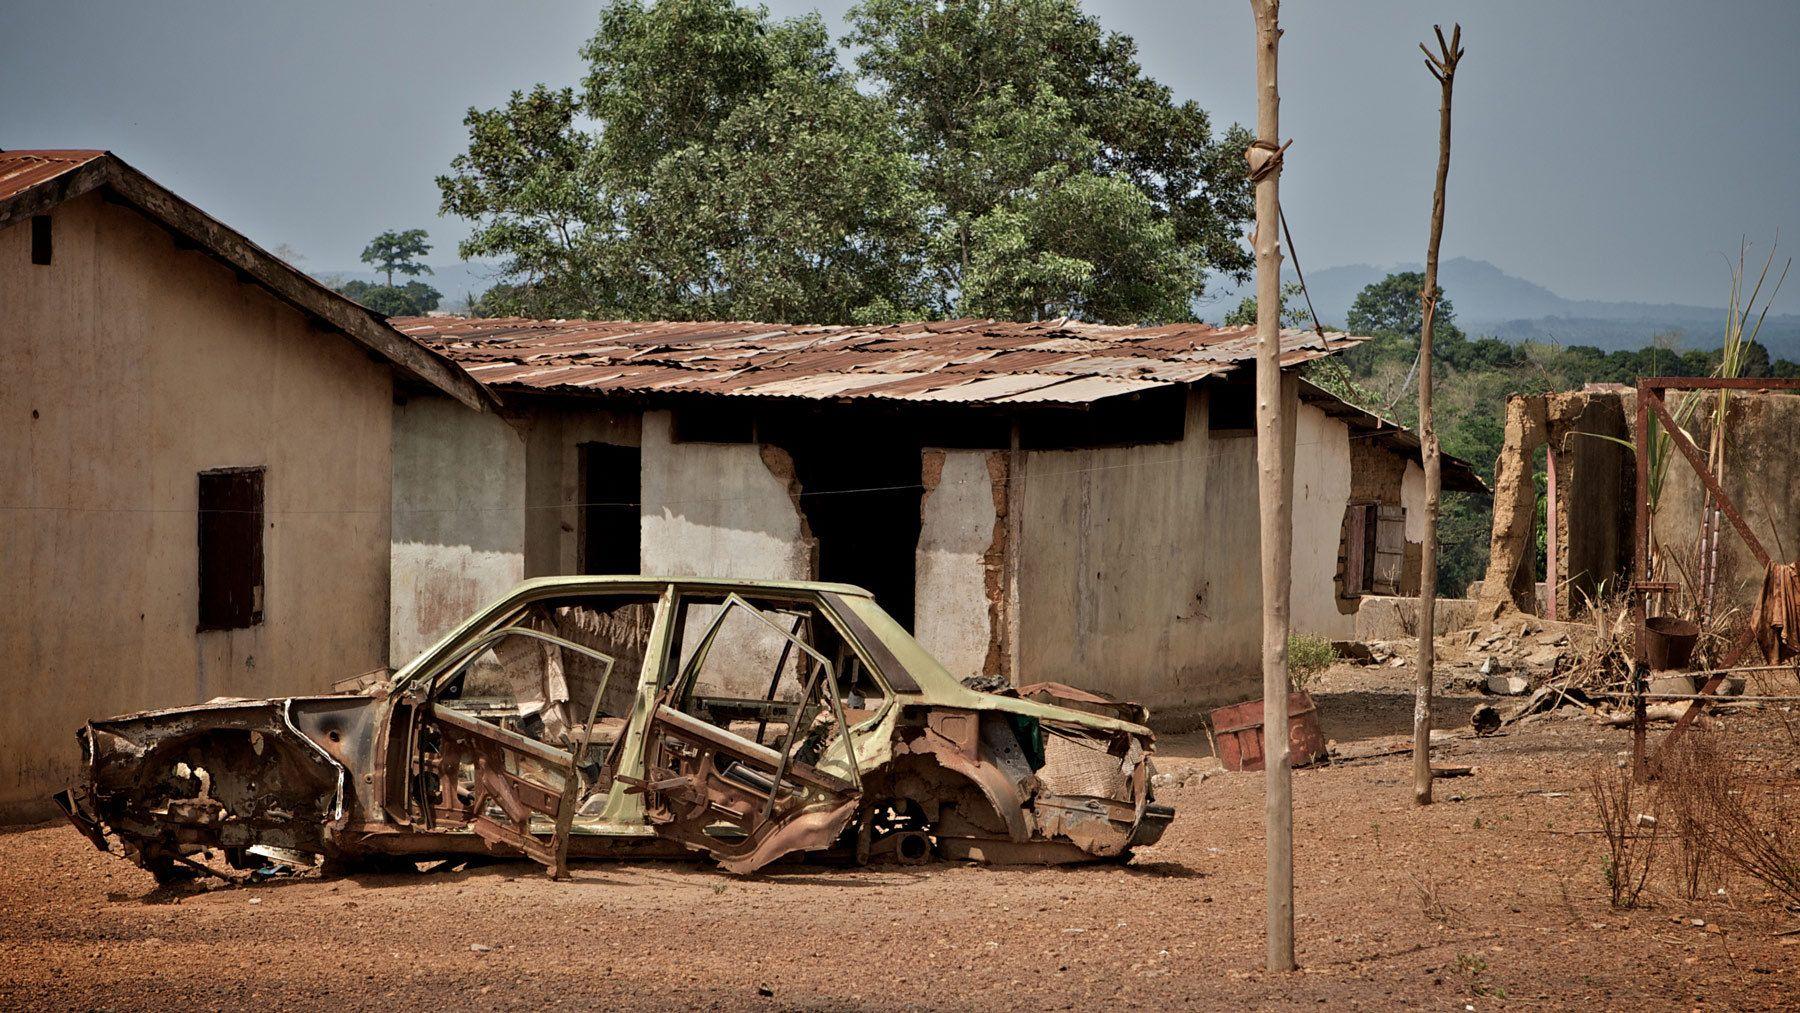 1burned_out_car_sierra_leone.jpg